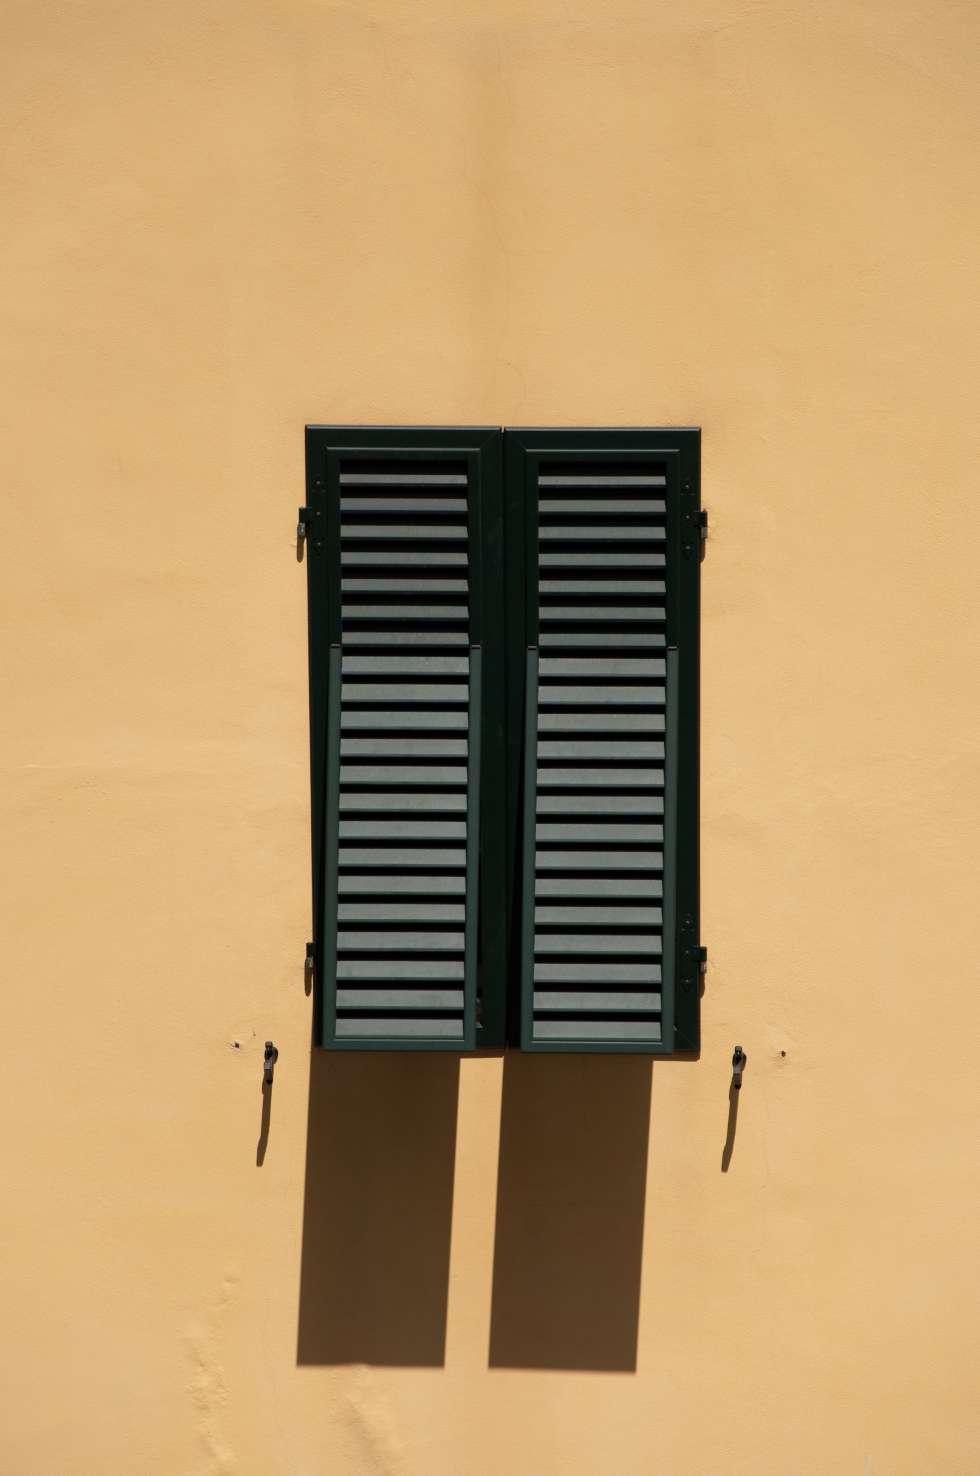 Les persiennes sont des sortes de volets protégeant du soleil et laissant passer l'air. © H005, Domaine public, Wikimedia Commons